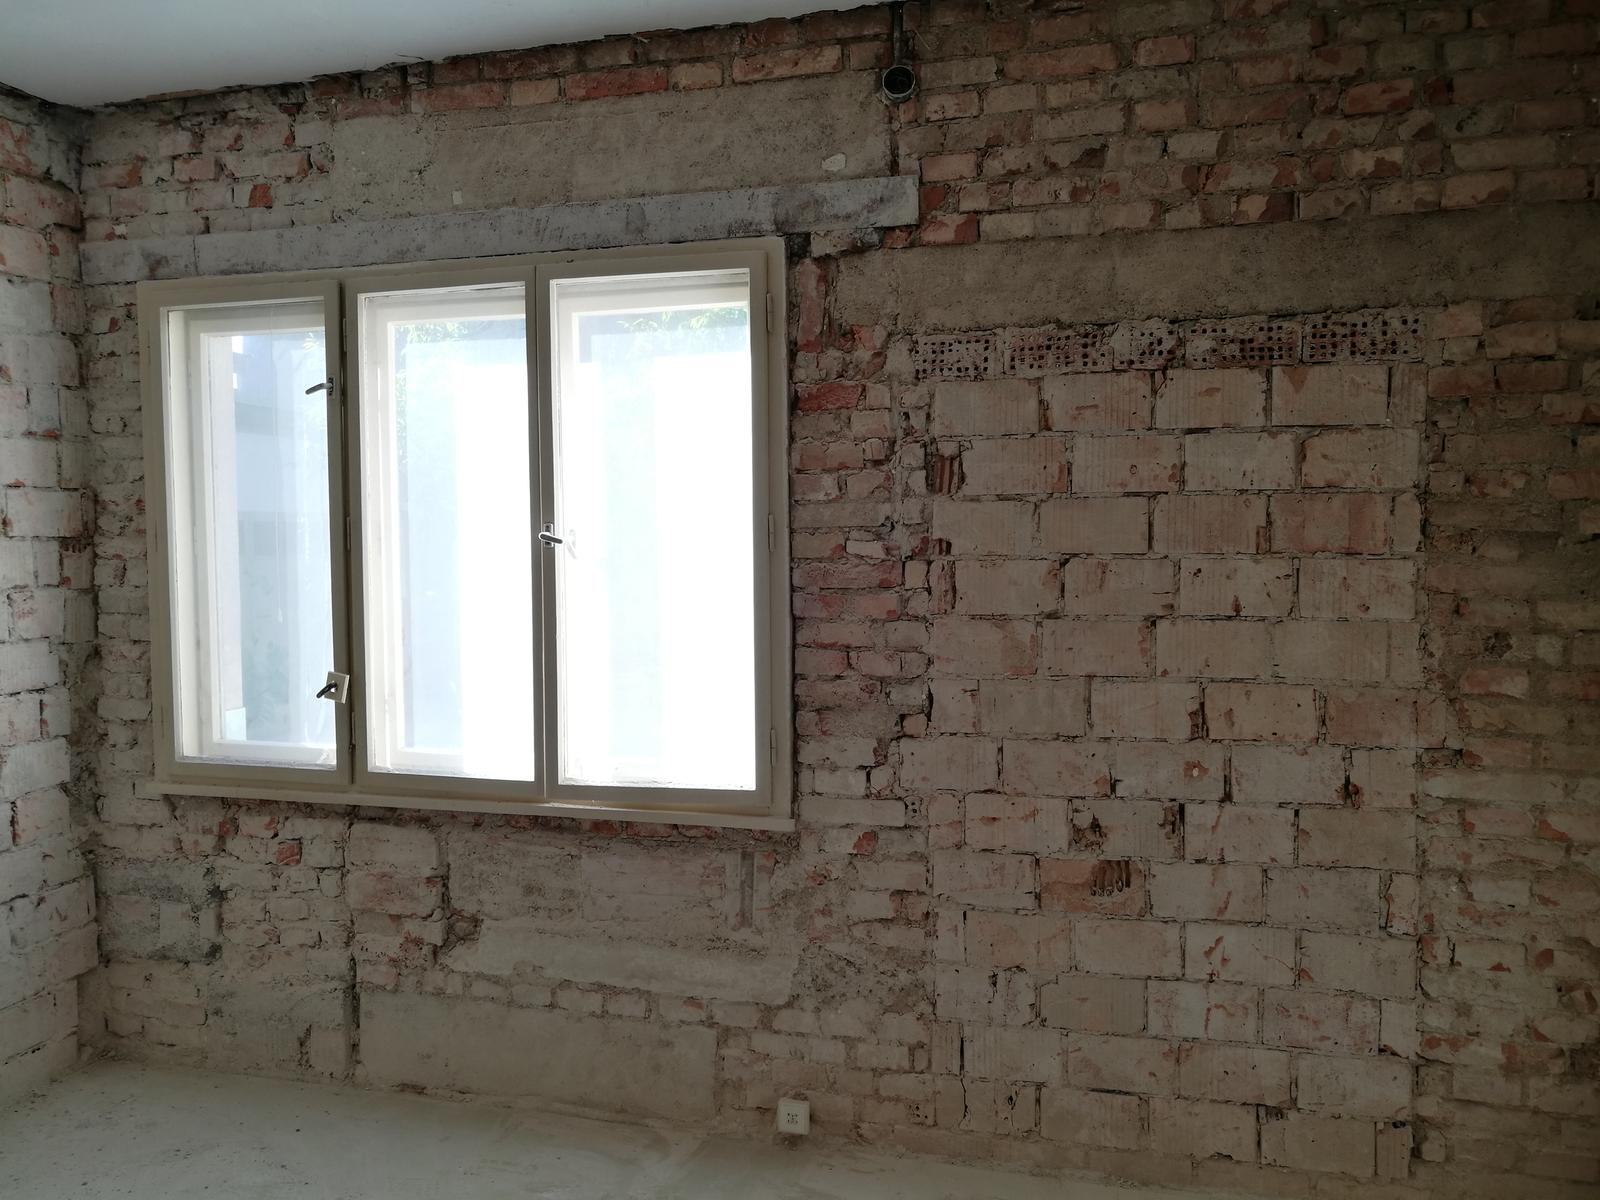 Náš budúci domov - rekonštrukcia rodinného domu - Prekľadateľská stena - preklad kde sa pozrieš. Stavalo sa z toho čo bolo.